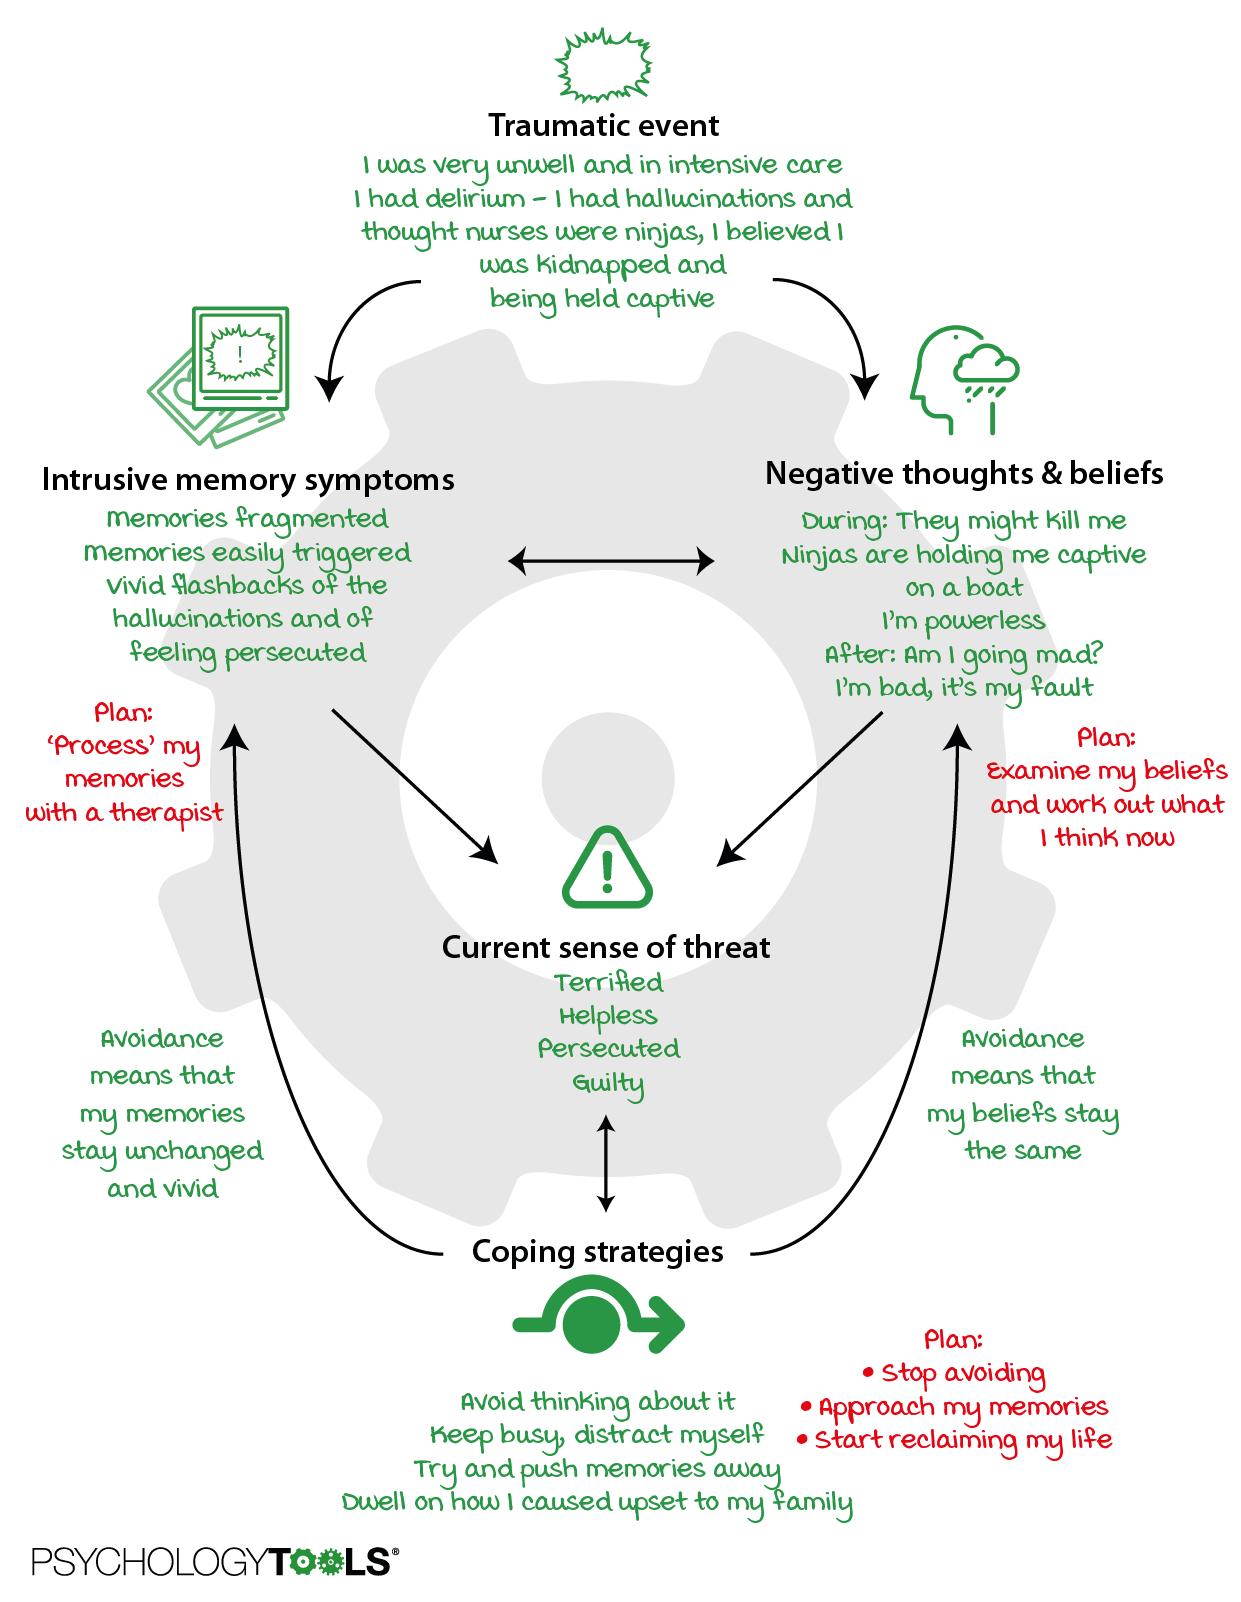 PTSD case formulation diagram